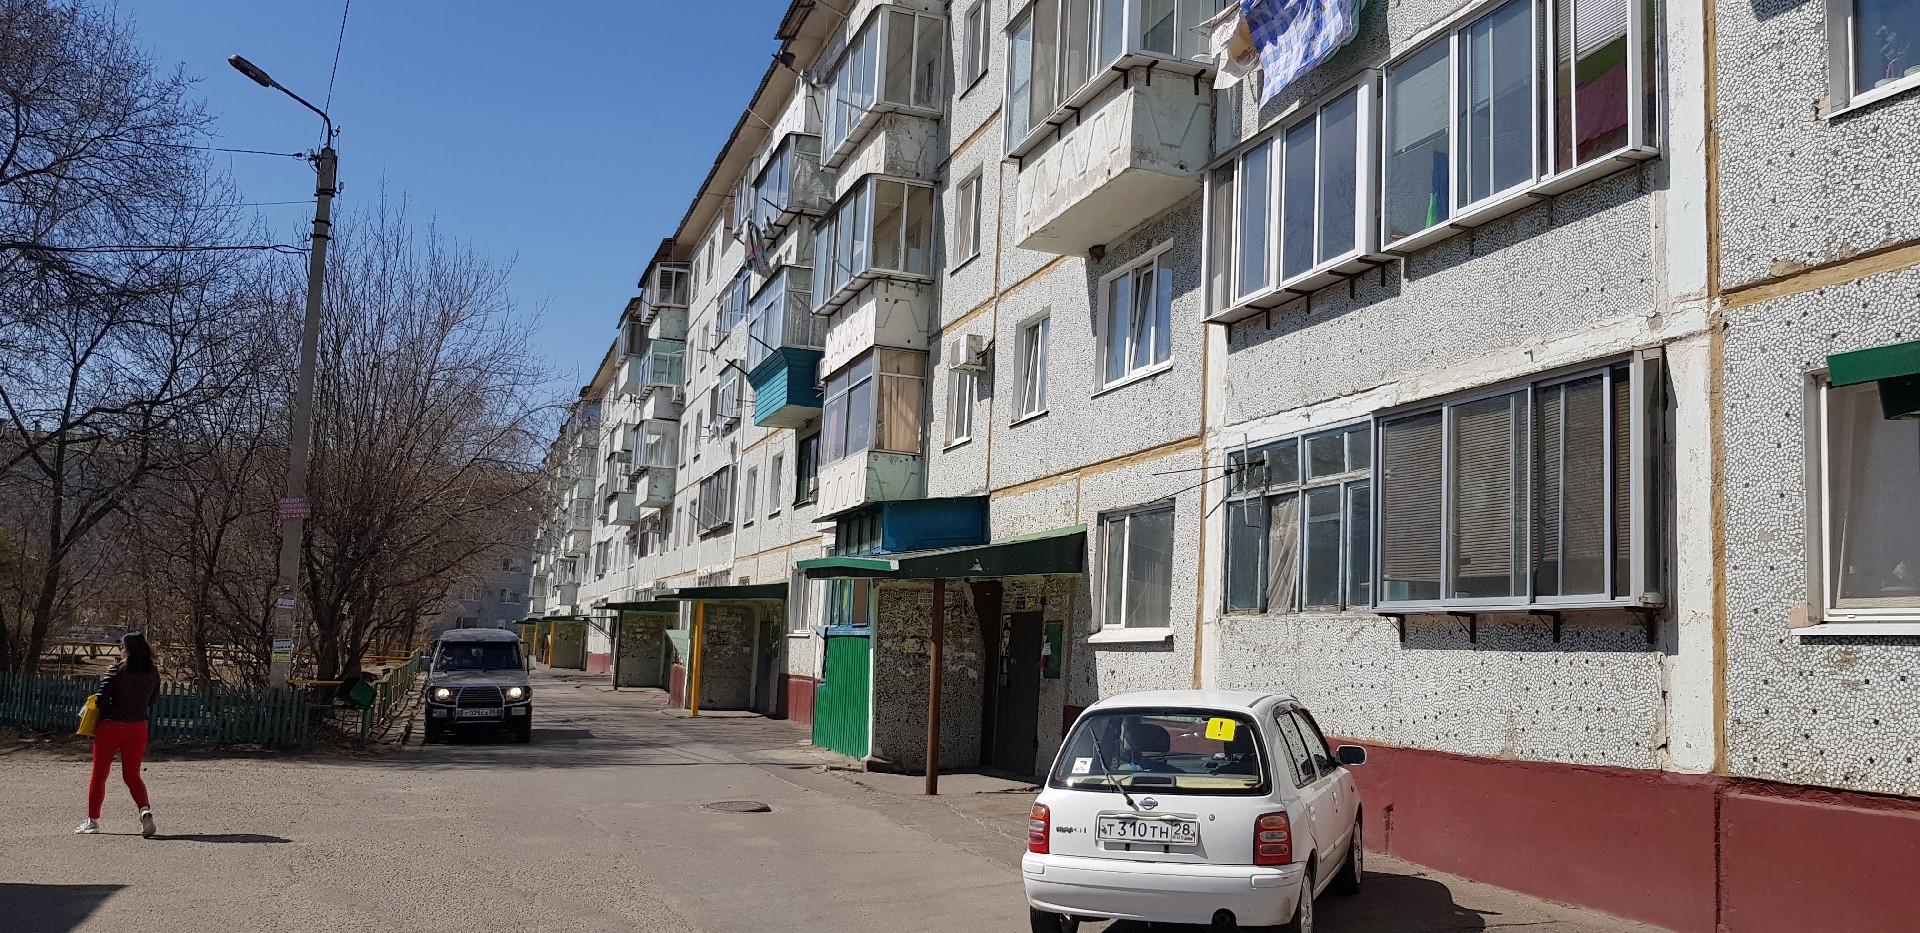 омск фото улица воронкова десерт